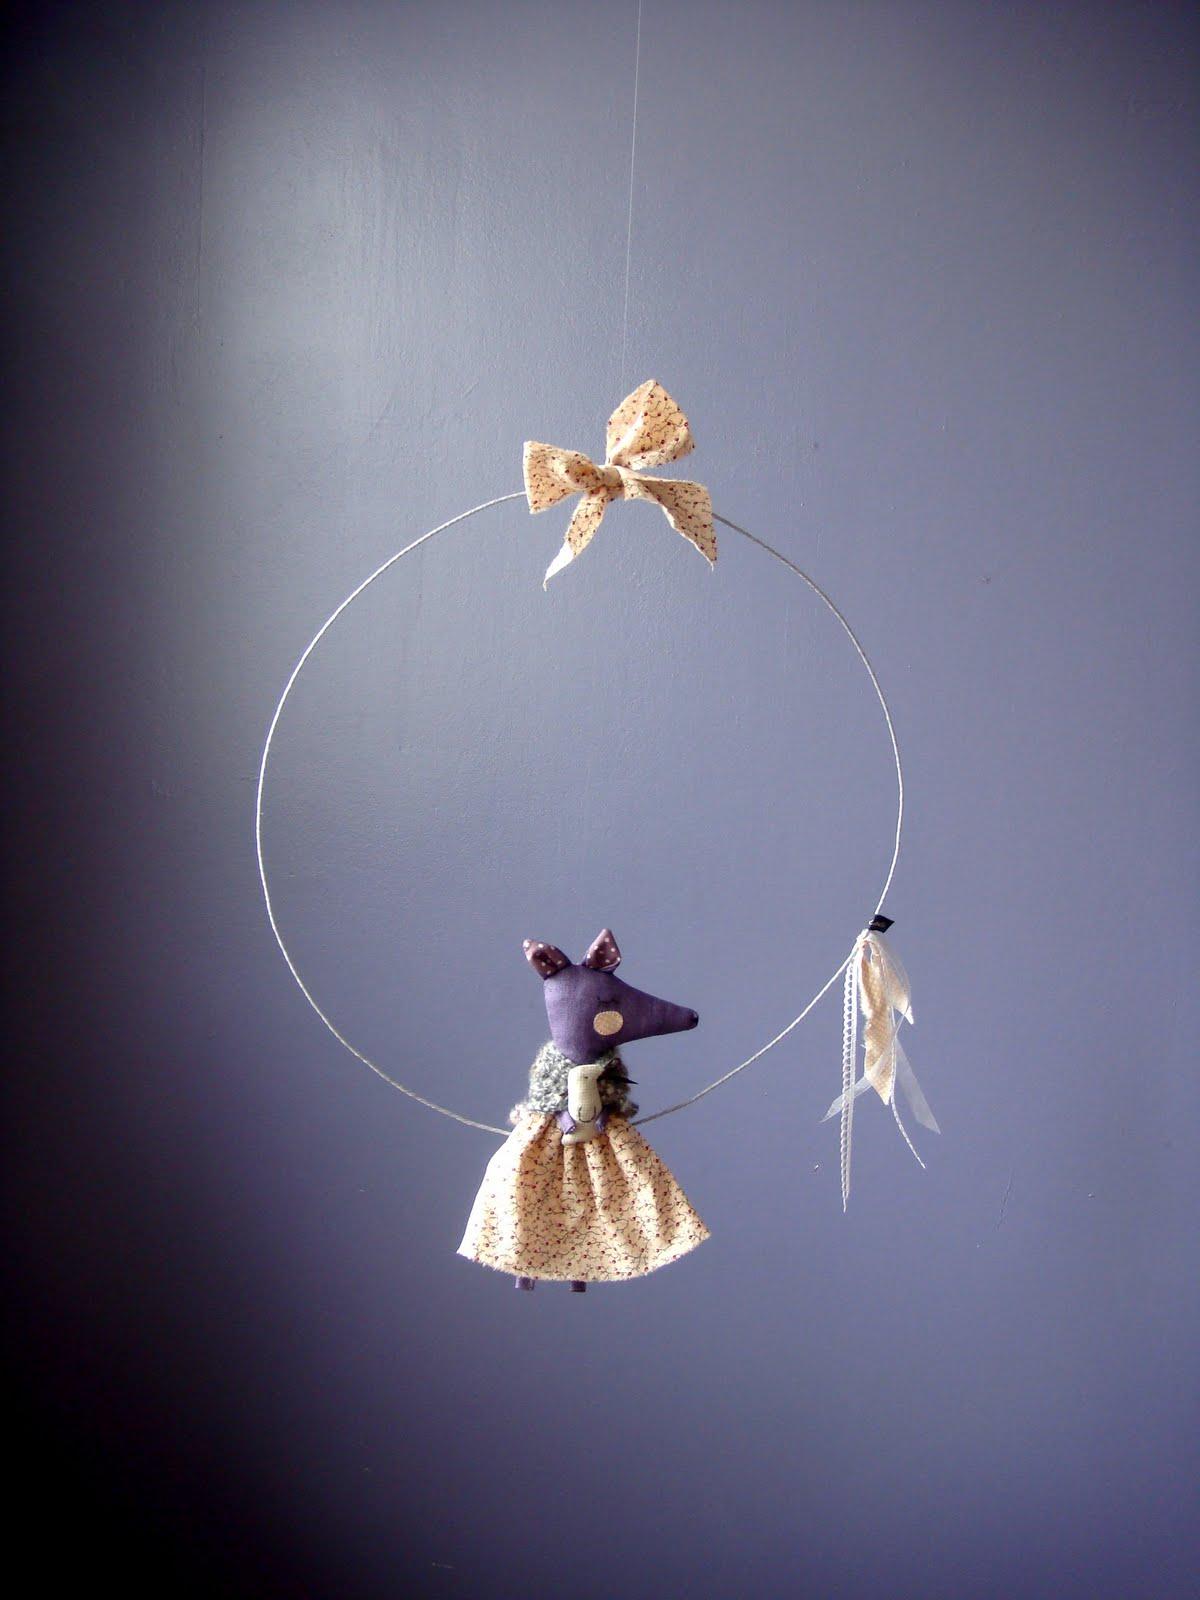 J'aime Comment Tu Danse C'est Bien : j'aime, comment, danse, c'est, Minuscule:, Automne